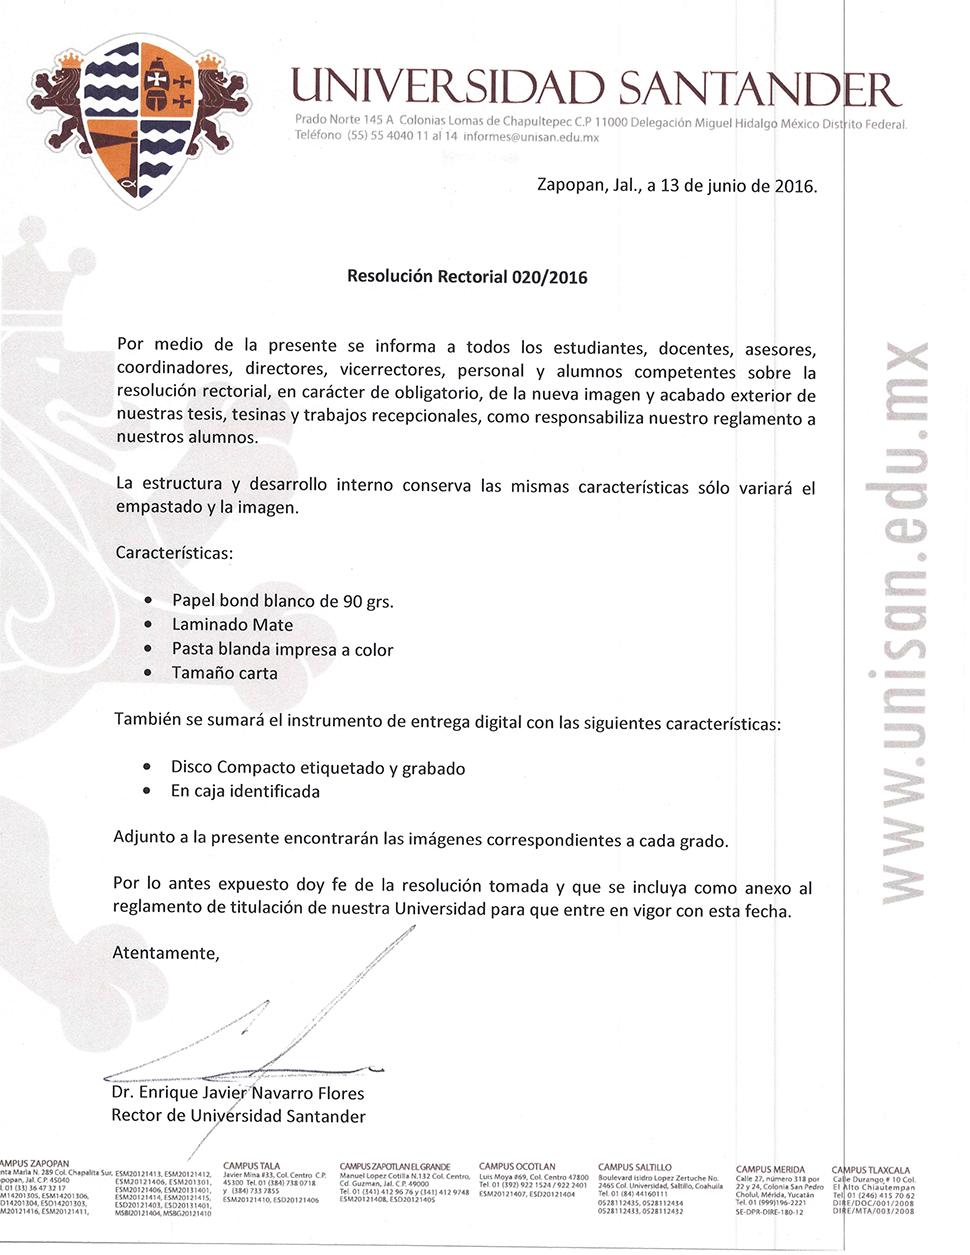 resolucion-rectorial-020-2016